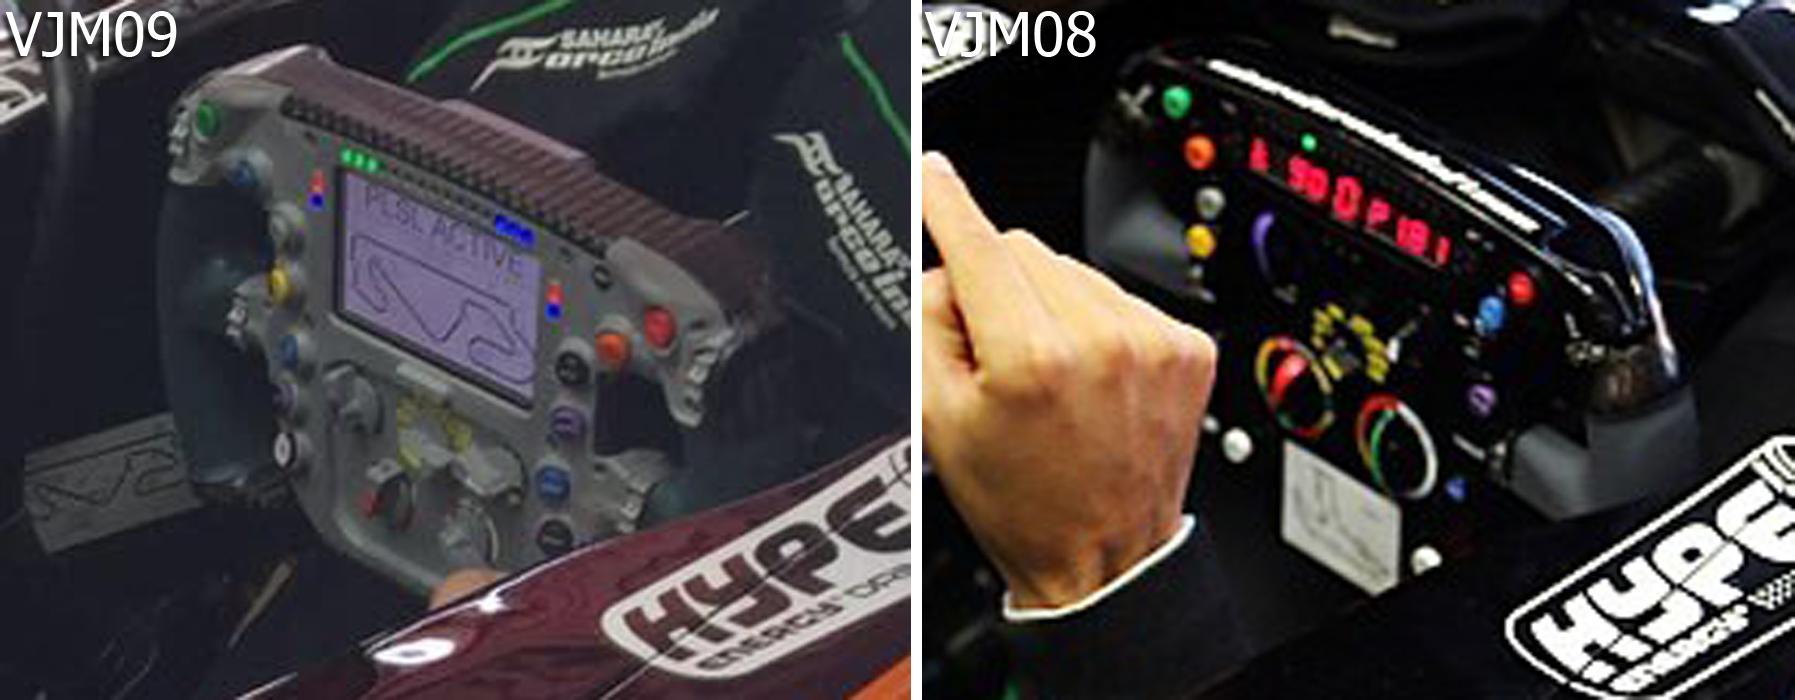 vjm09-steering-wheel